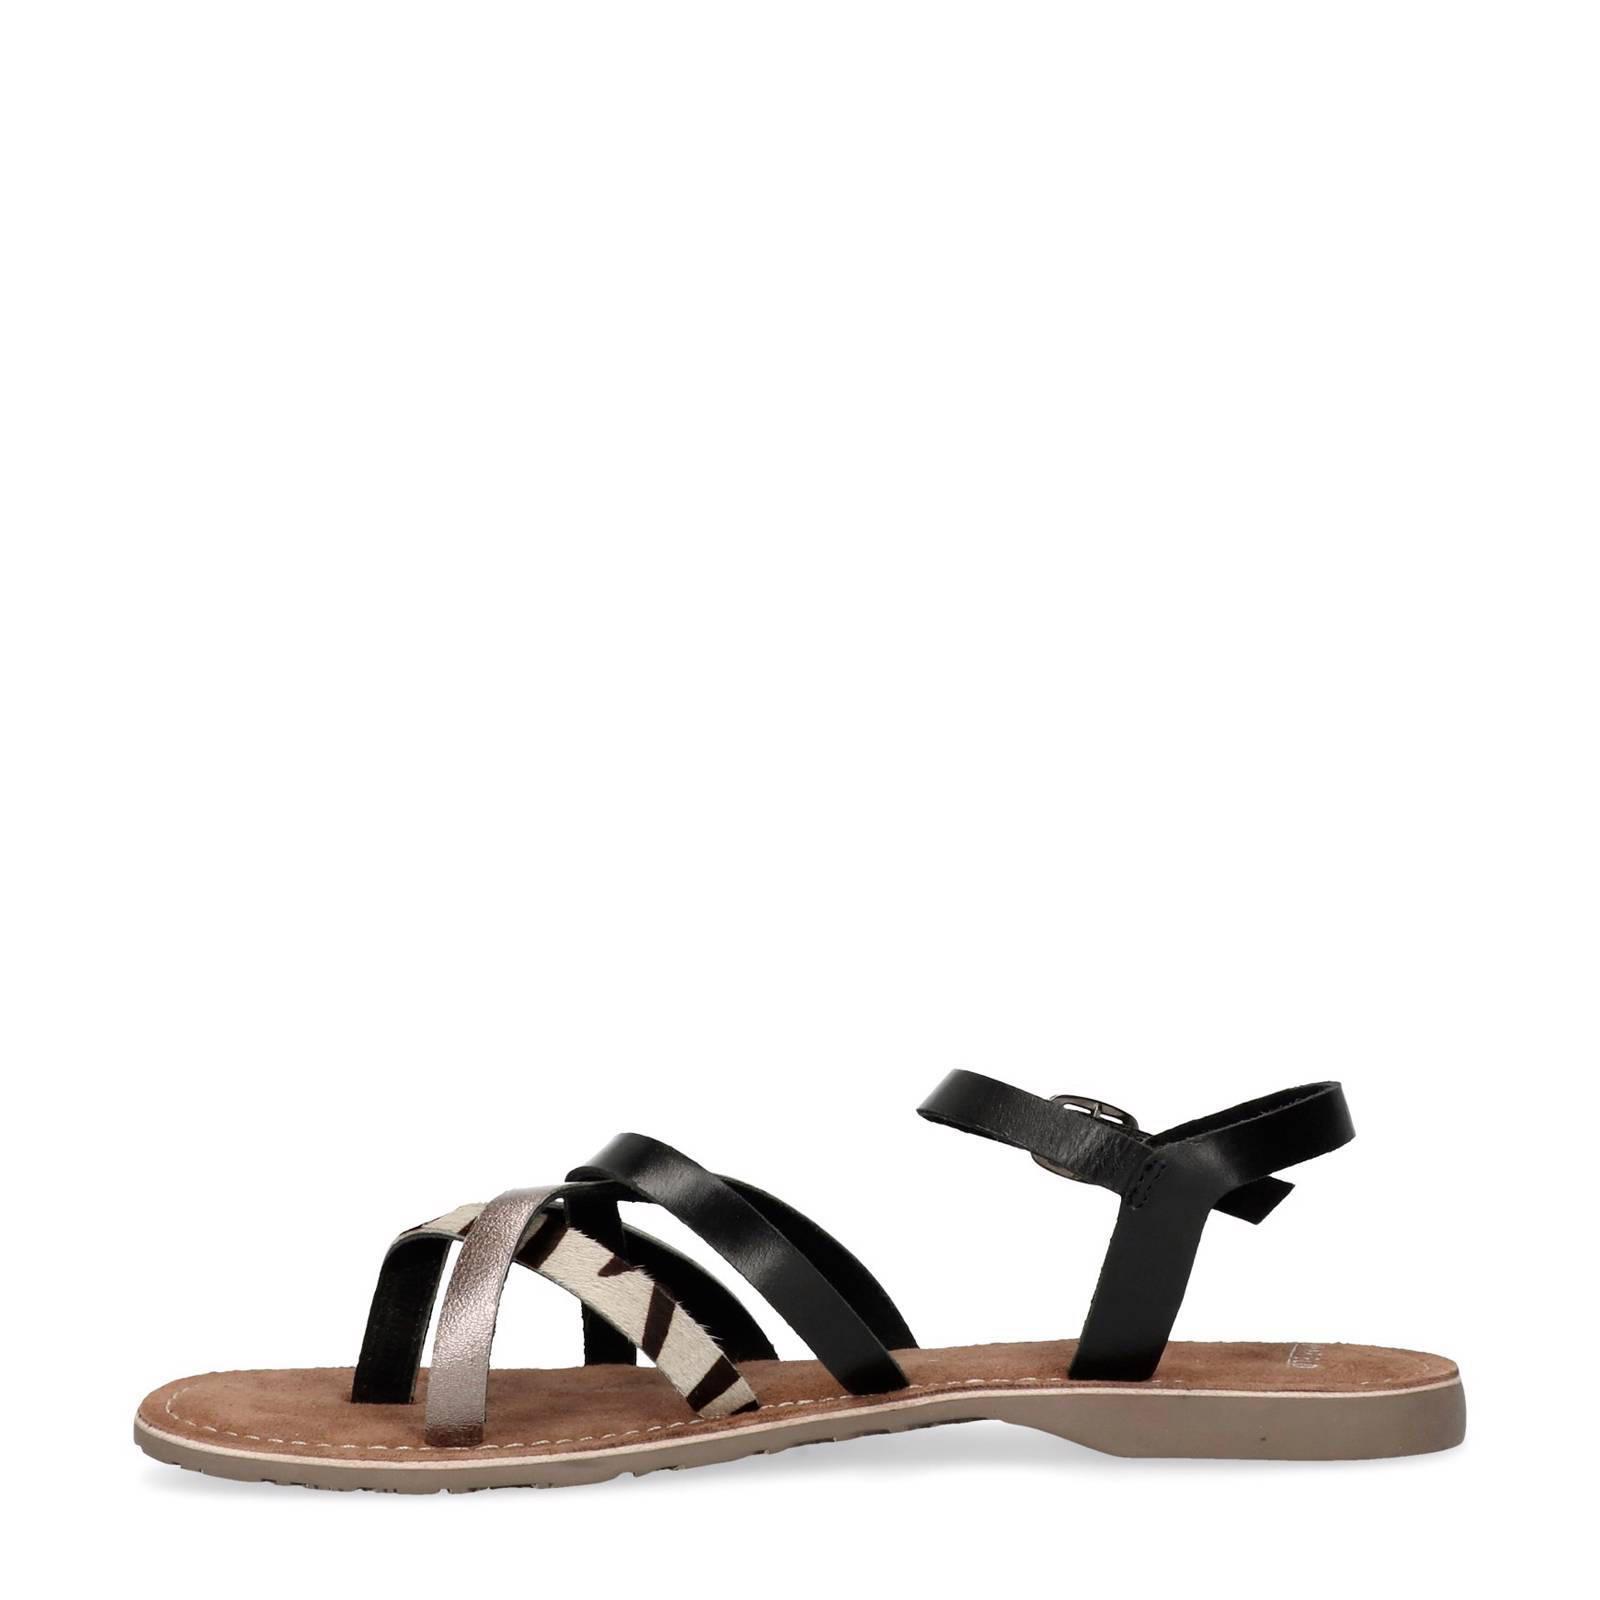 eafd2cf1fb7 Manfield leren sandalen met zebraprint | wehkamp